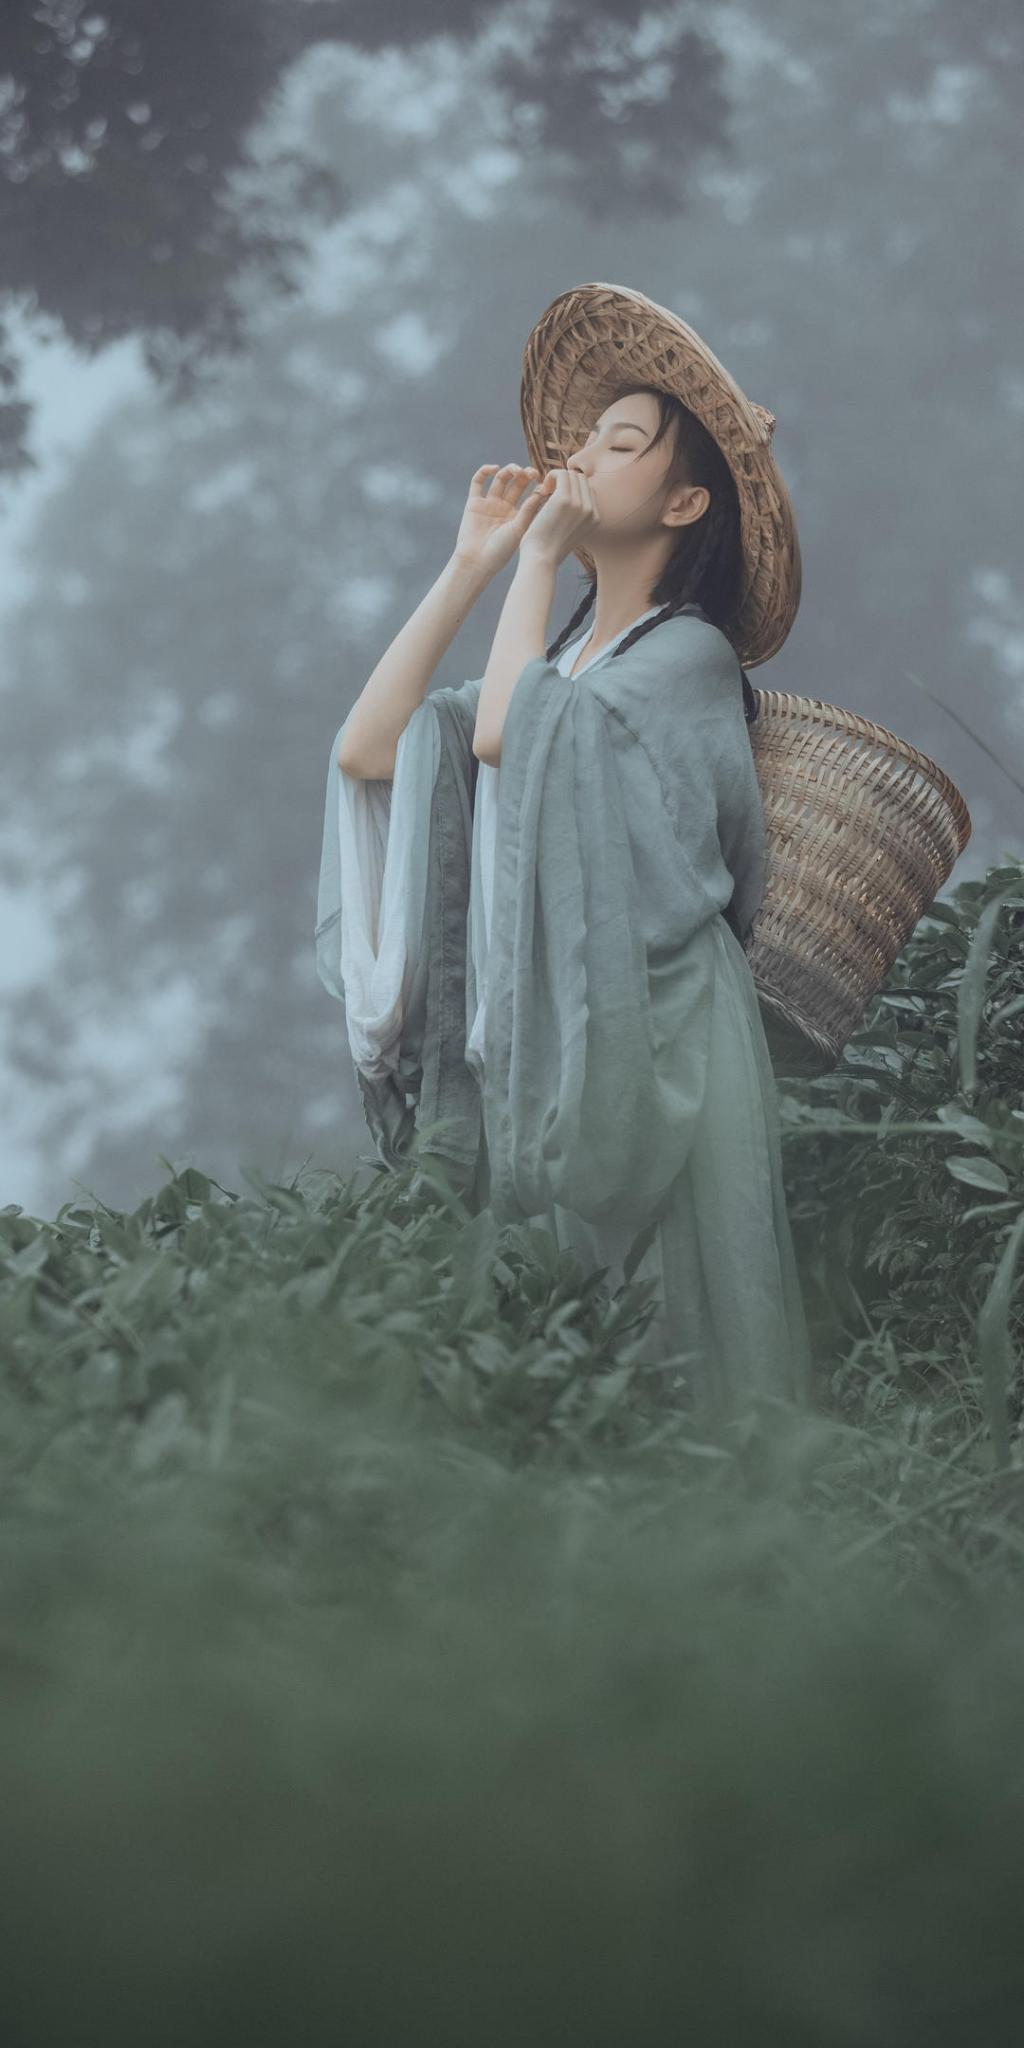 美しい新鮮な女性の衣装コレクションiphoneの壁紙ランドレス茶 ロック画面の画像 携帯電話の壁紙 女性 壁紙